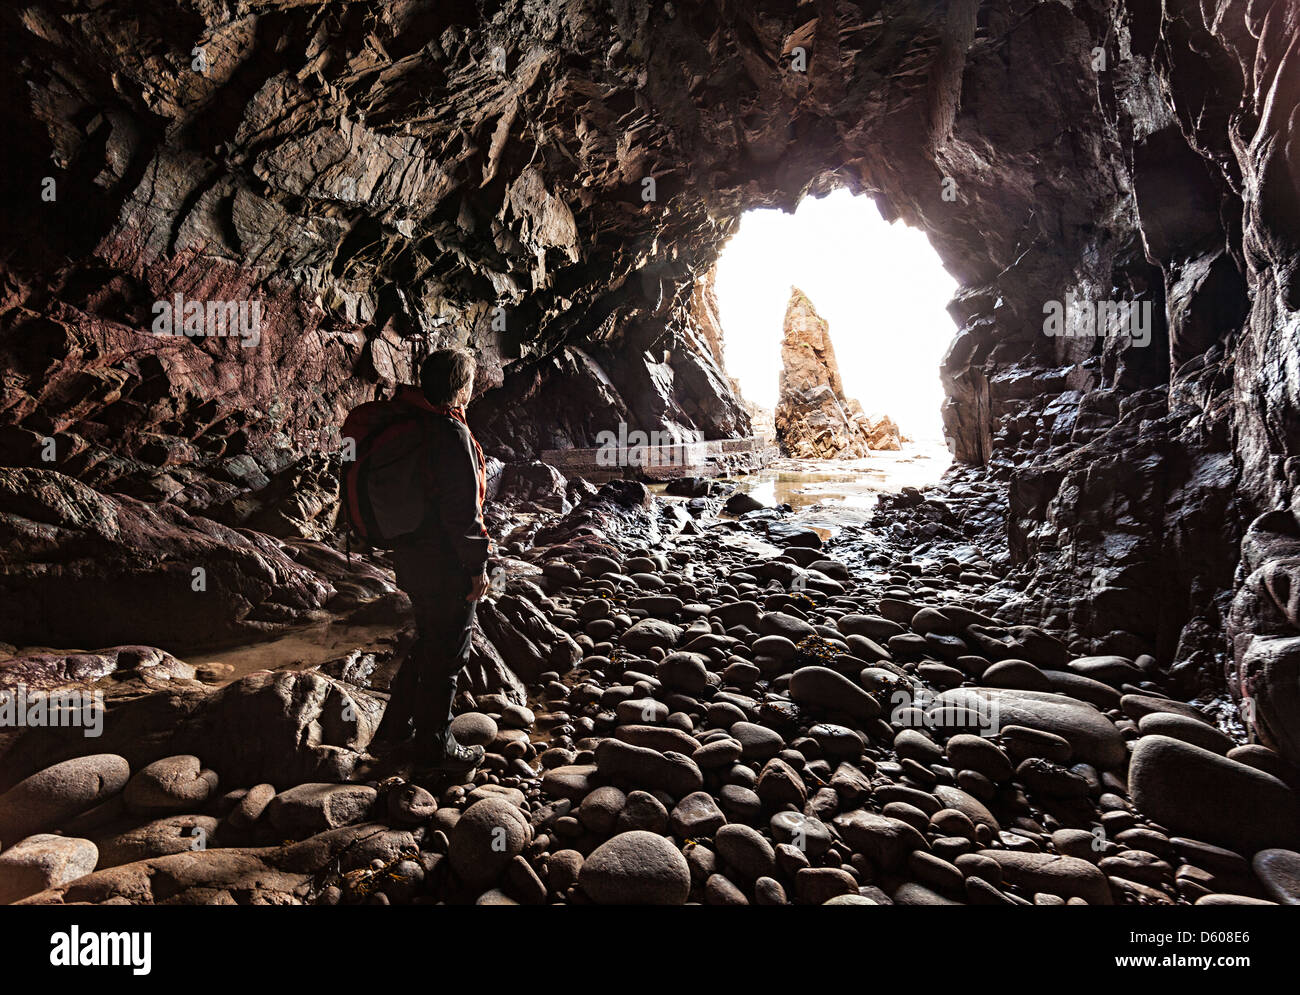 Plemont Grotta e ago Rock, Jersey, Isole del Canale, REGNO UNITO Immagini Stock